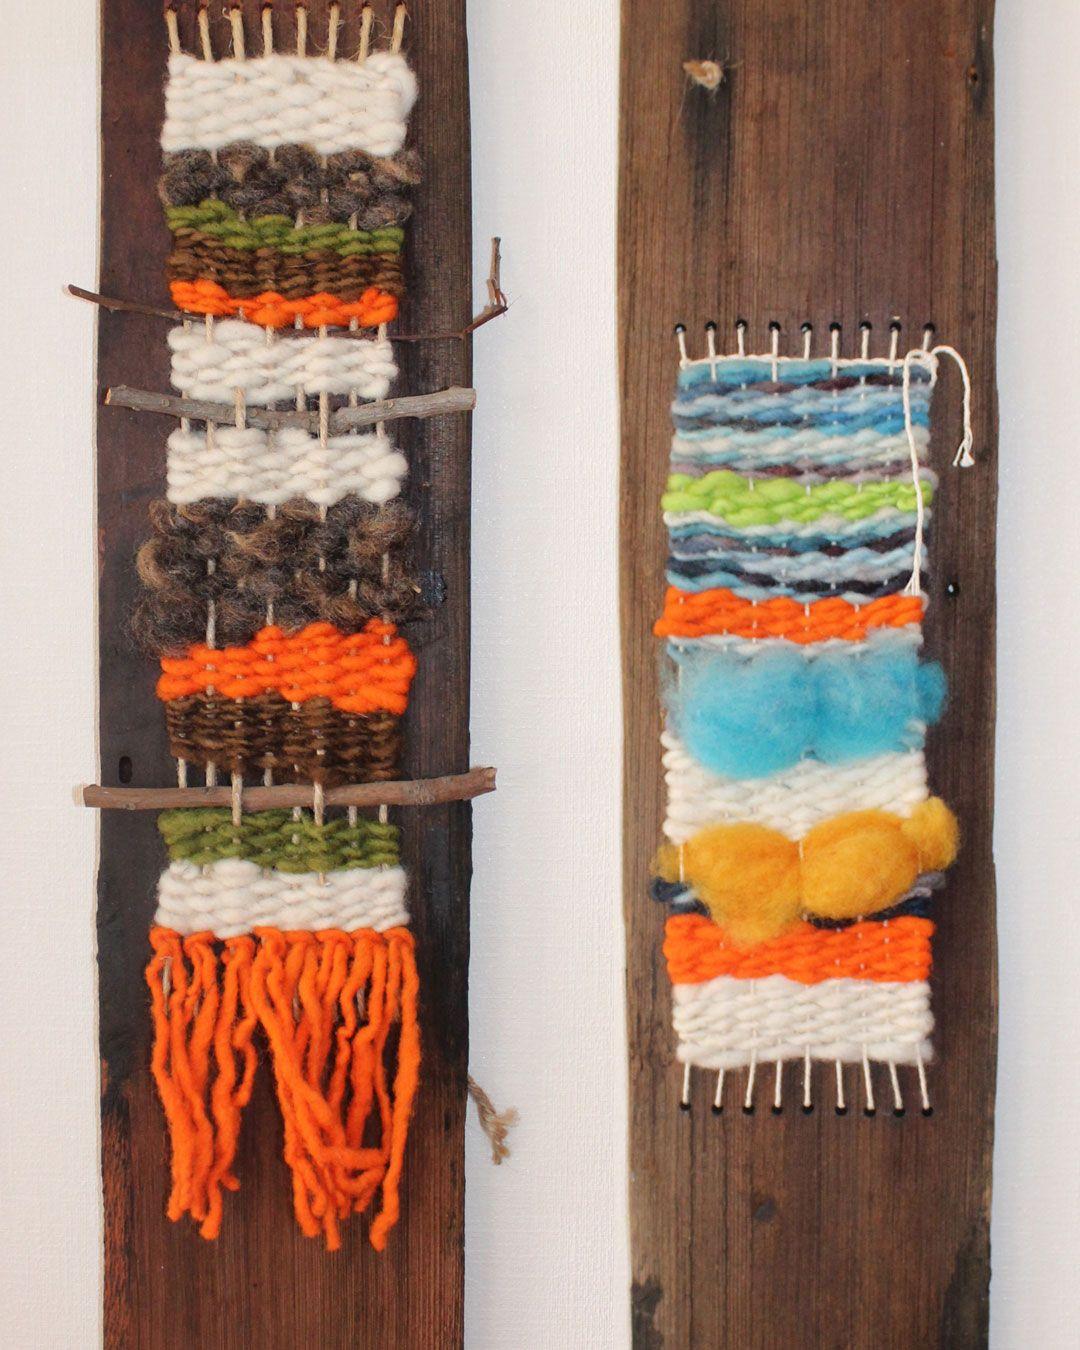 Mini telar con lana de oveja teñida naturalmente 1516c9f6a4e